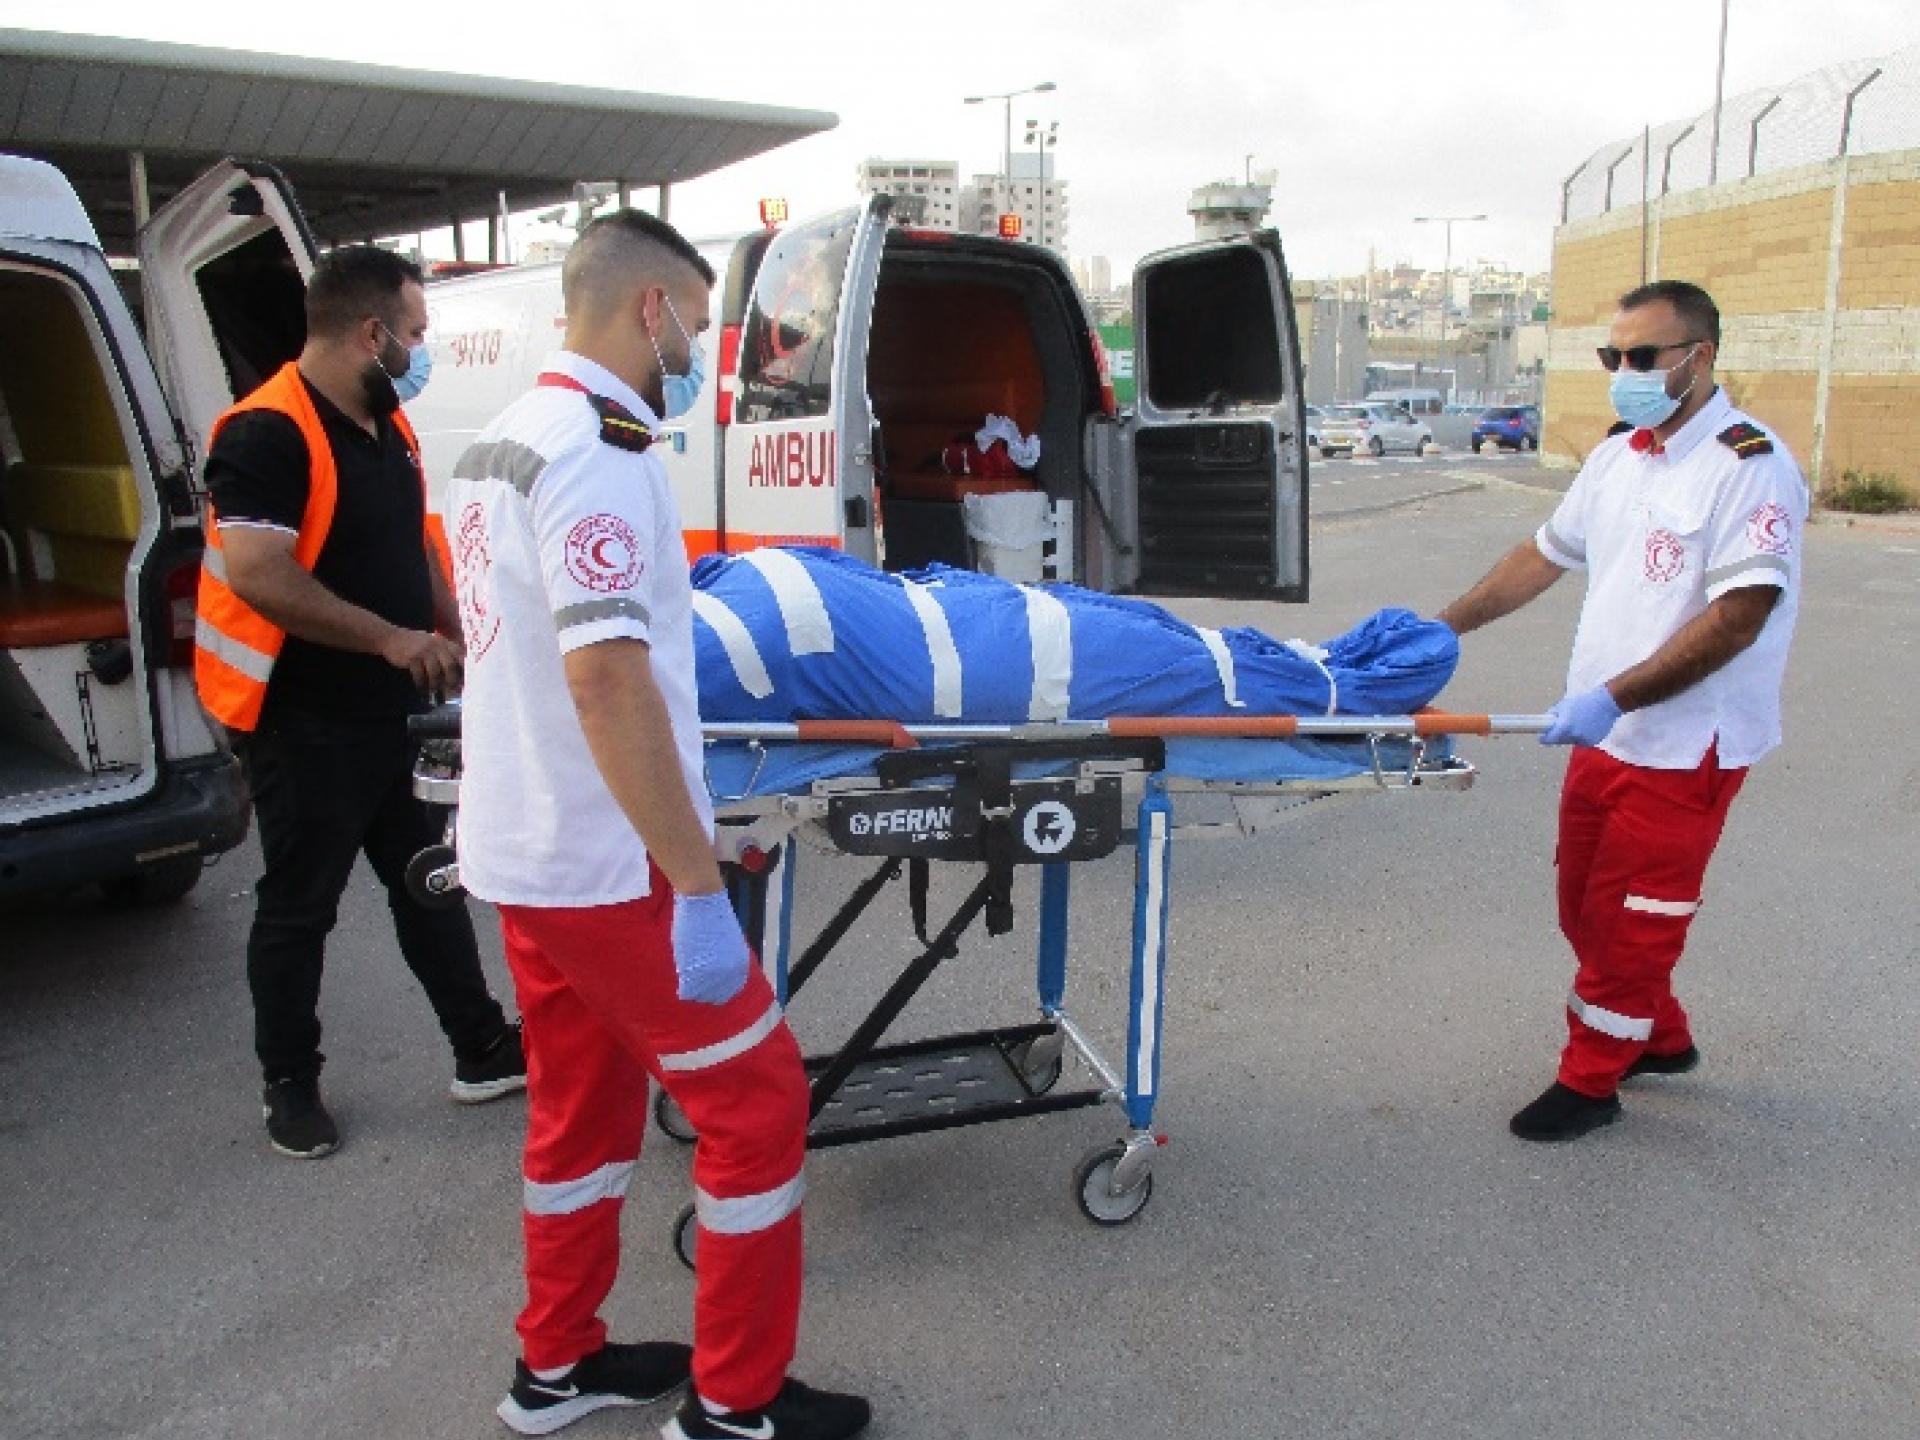 העברת גופתה של אשה מבית החולים בשכם לביתה בעזה